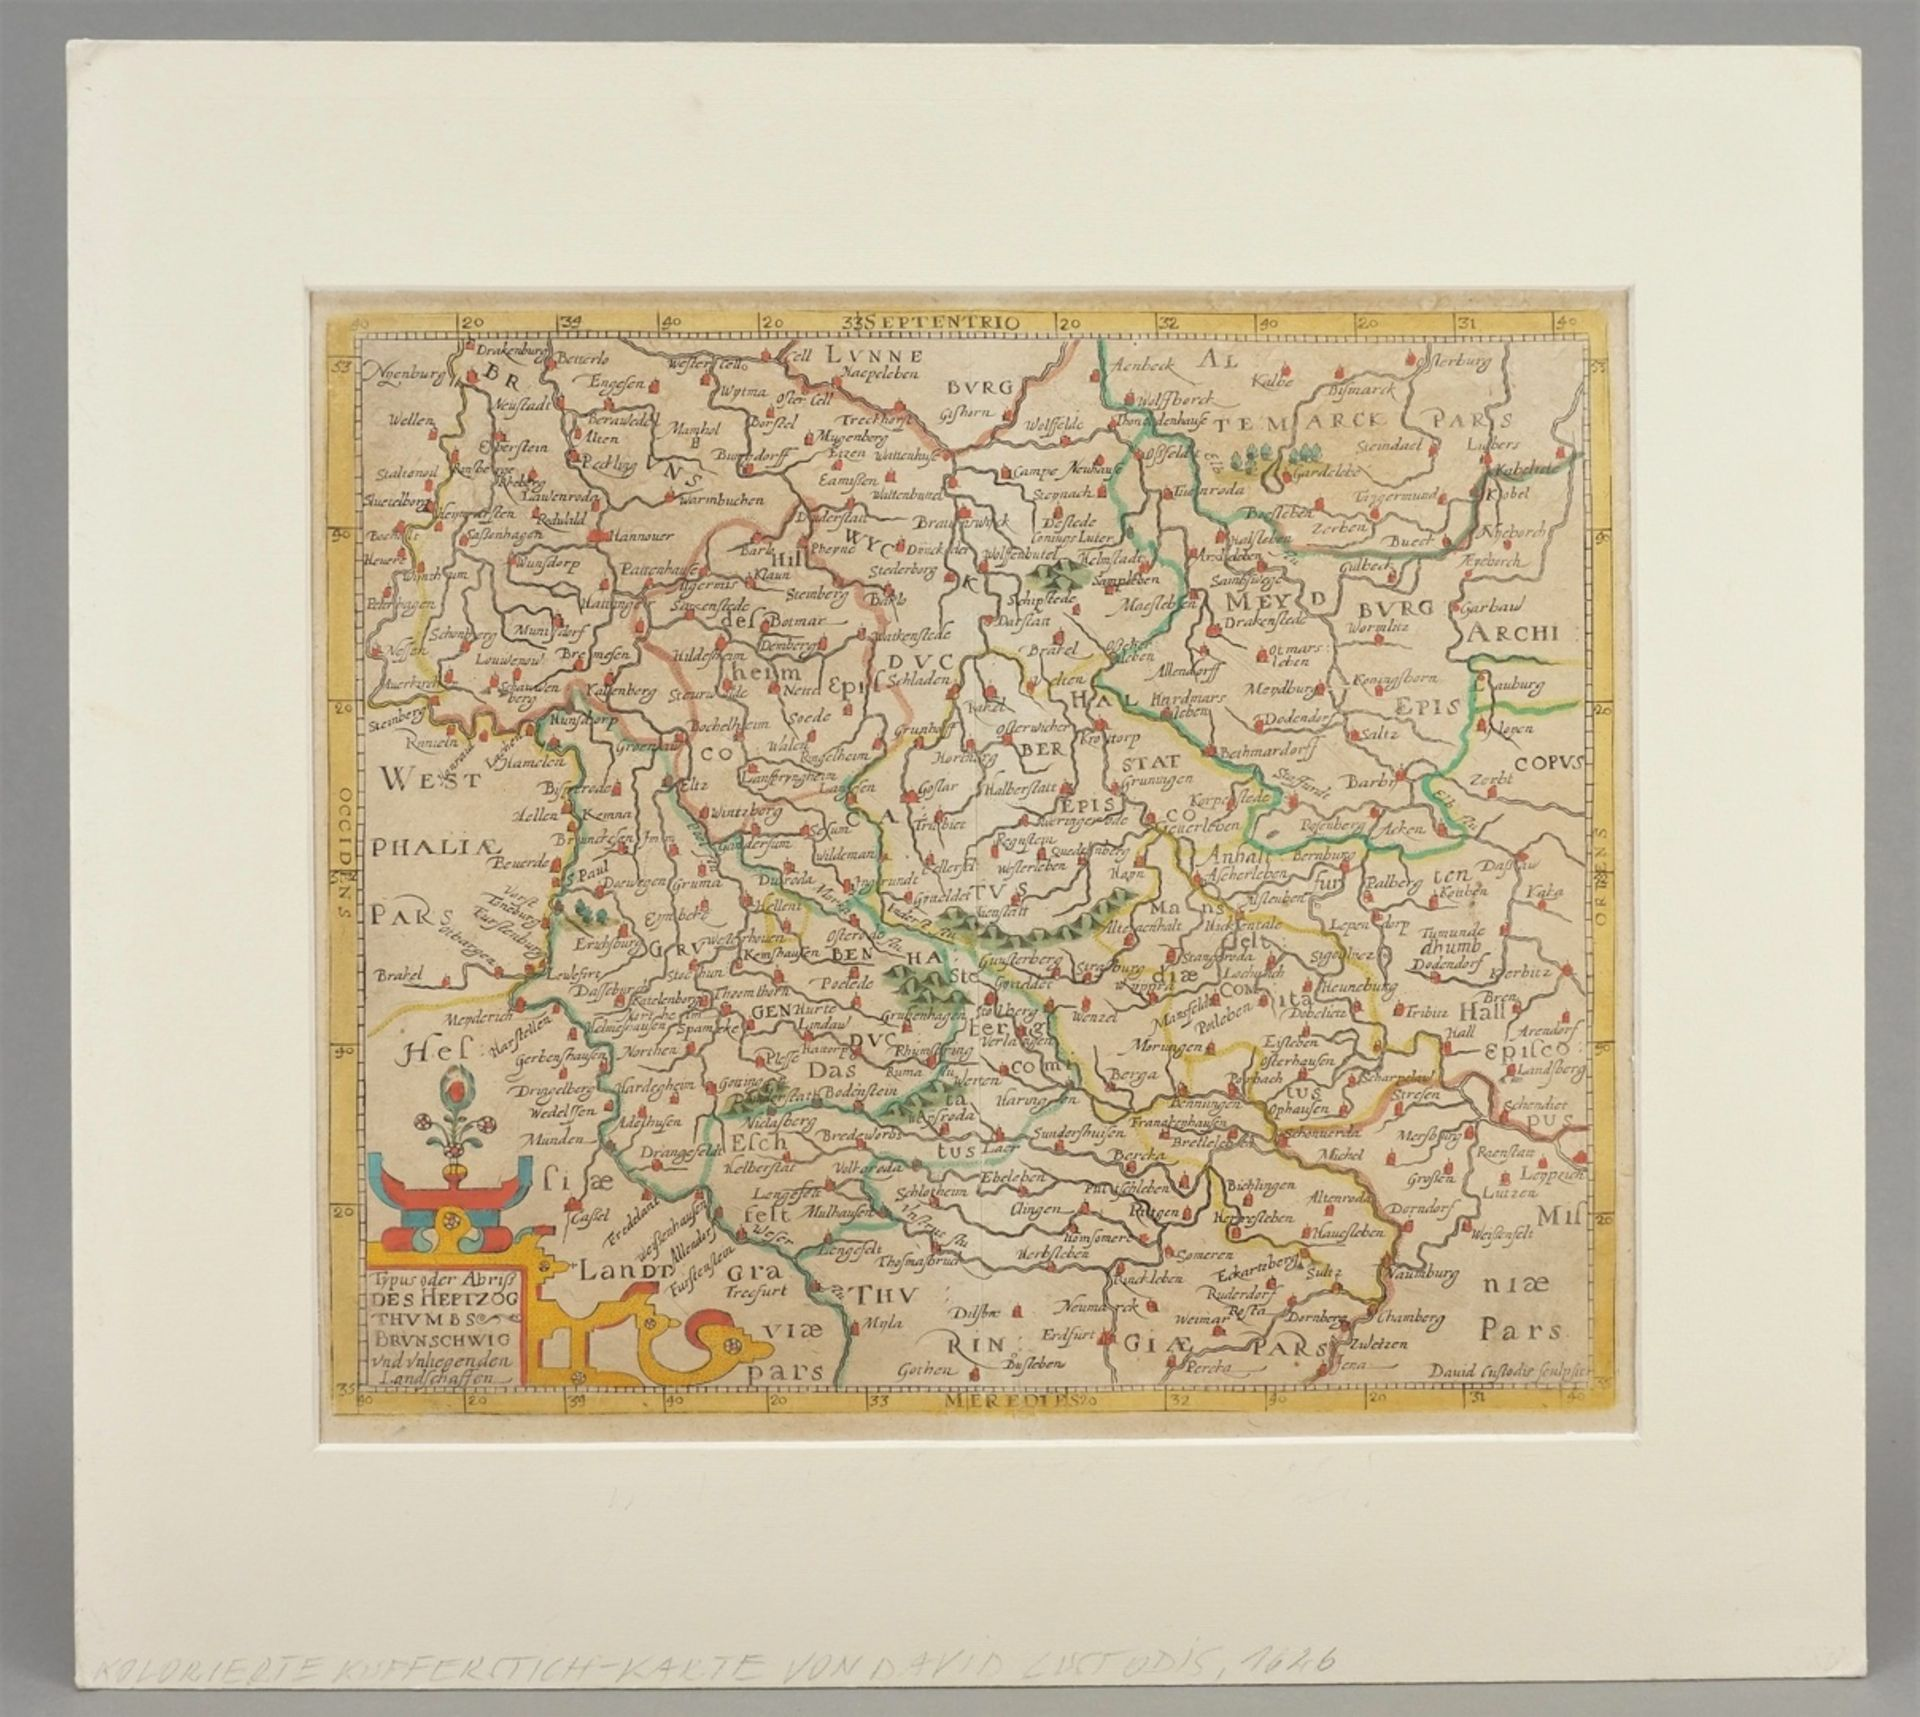 David Custos (Custodis), Landkarte des Herzogtums Braunschweig und umliegender Landschaften - Bild 2 aus 3